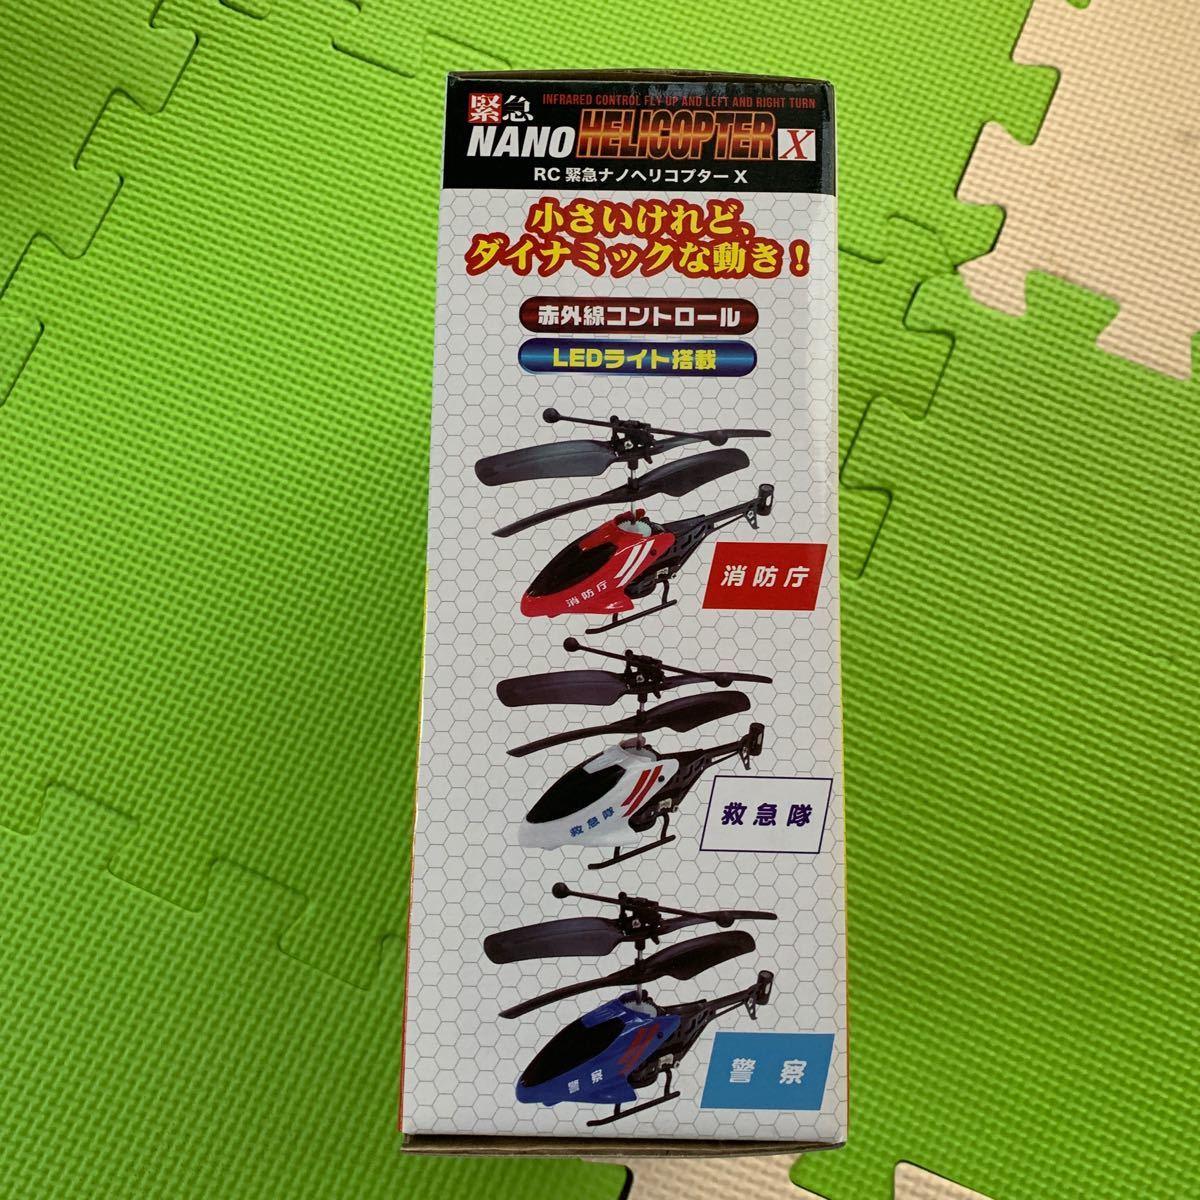 ラジコンヘリコプター RC緊急ナノヘリコプターX 室内専用(株)ピーナッツ・クラブ